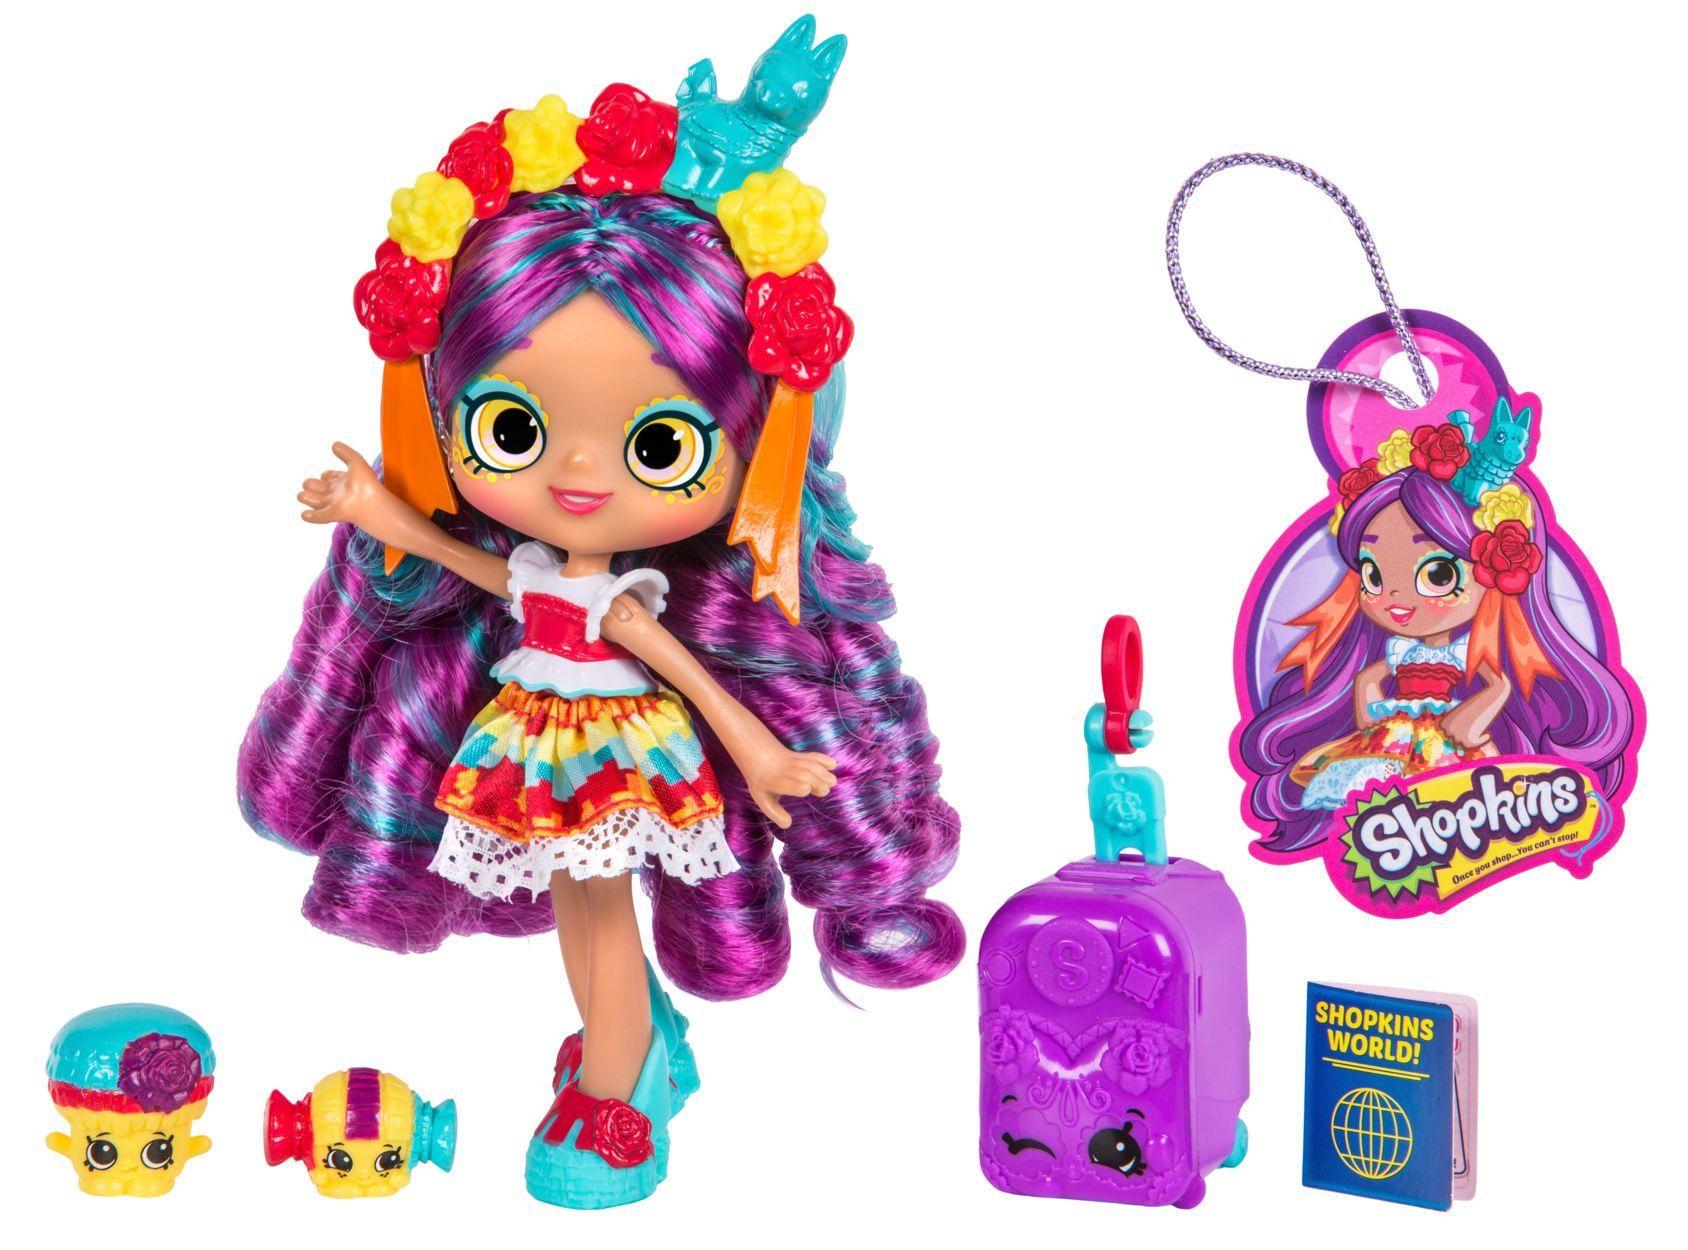 Shopkins Shoppies World Vacation Doll Rosa Pinata Visits Mexico